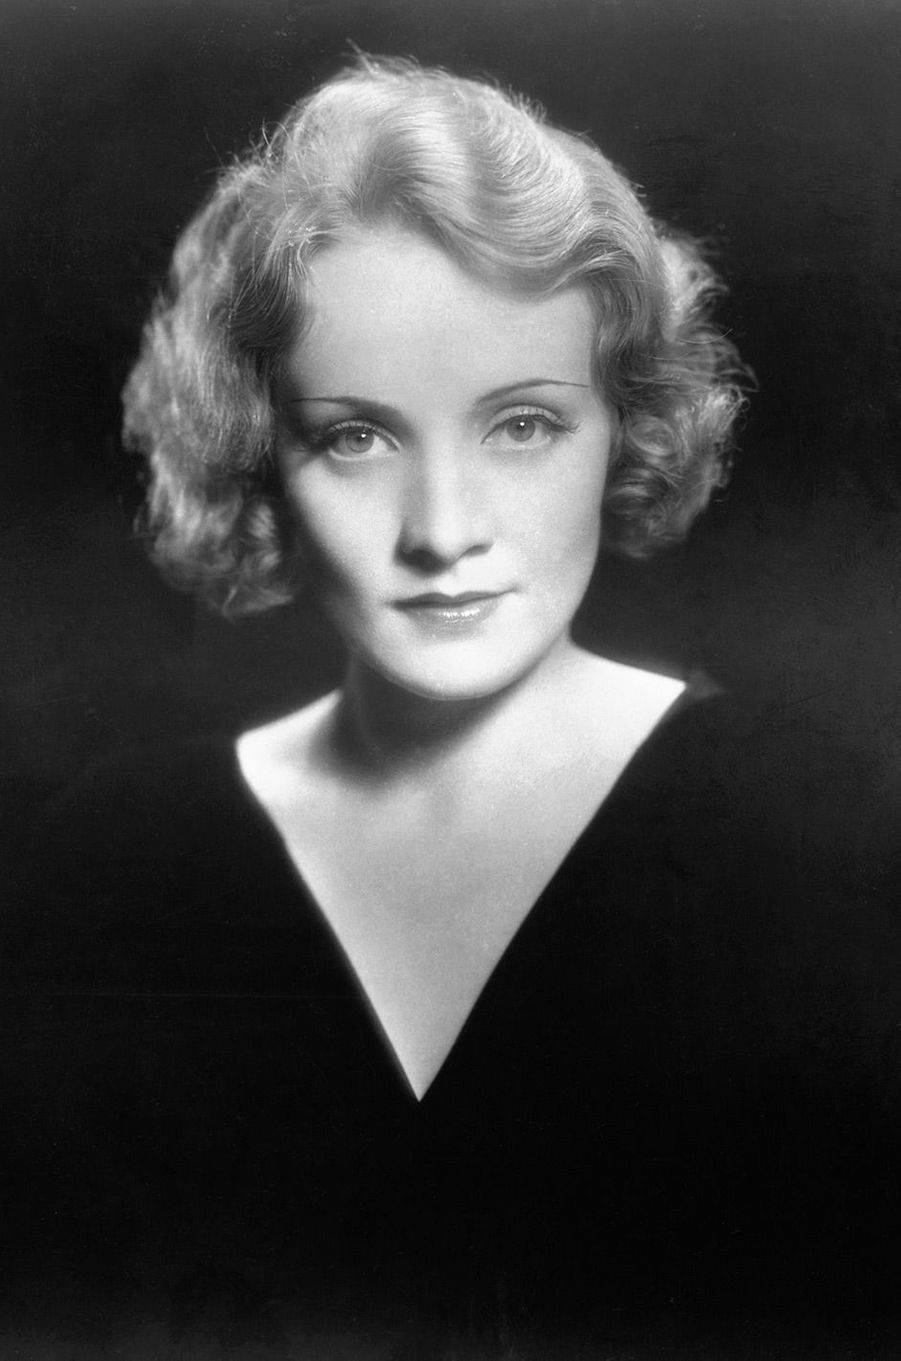 Marlene Dietrich en 1950